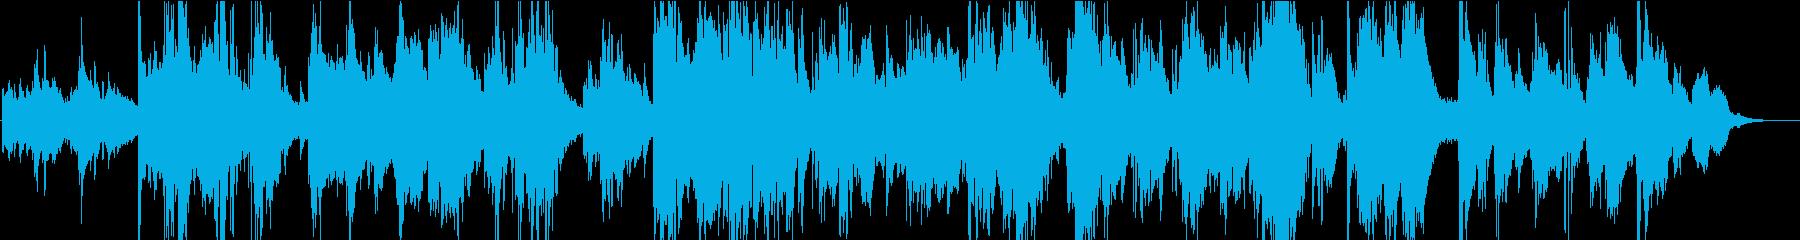 ピアノの遠隔ベース、ルバトバラード...の再生済みの波形